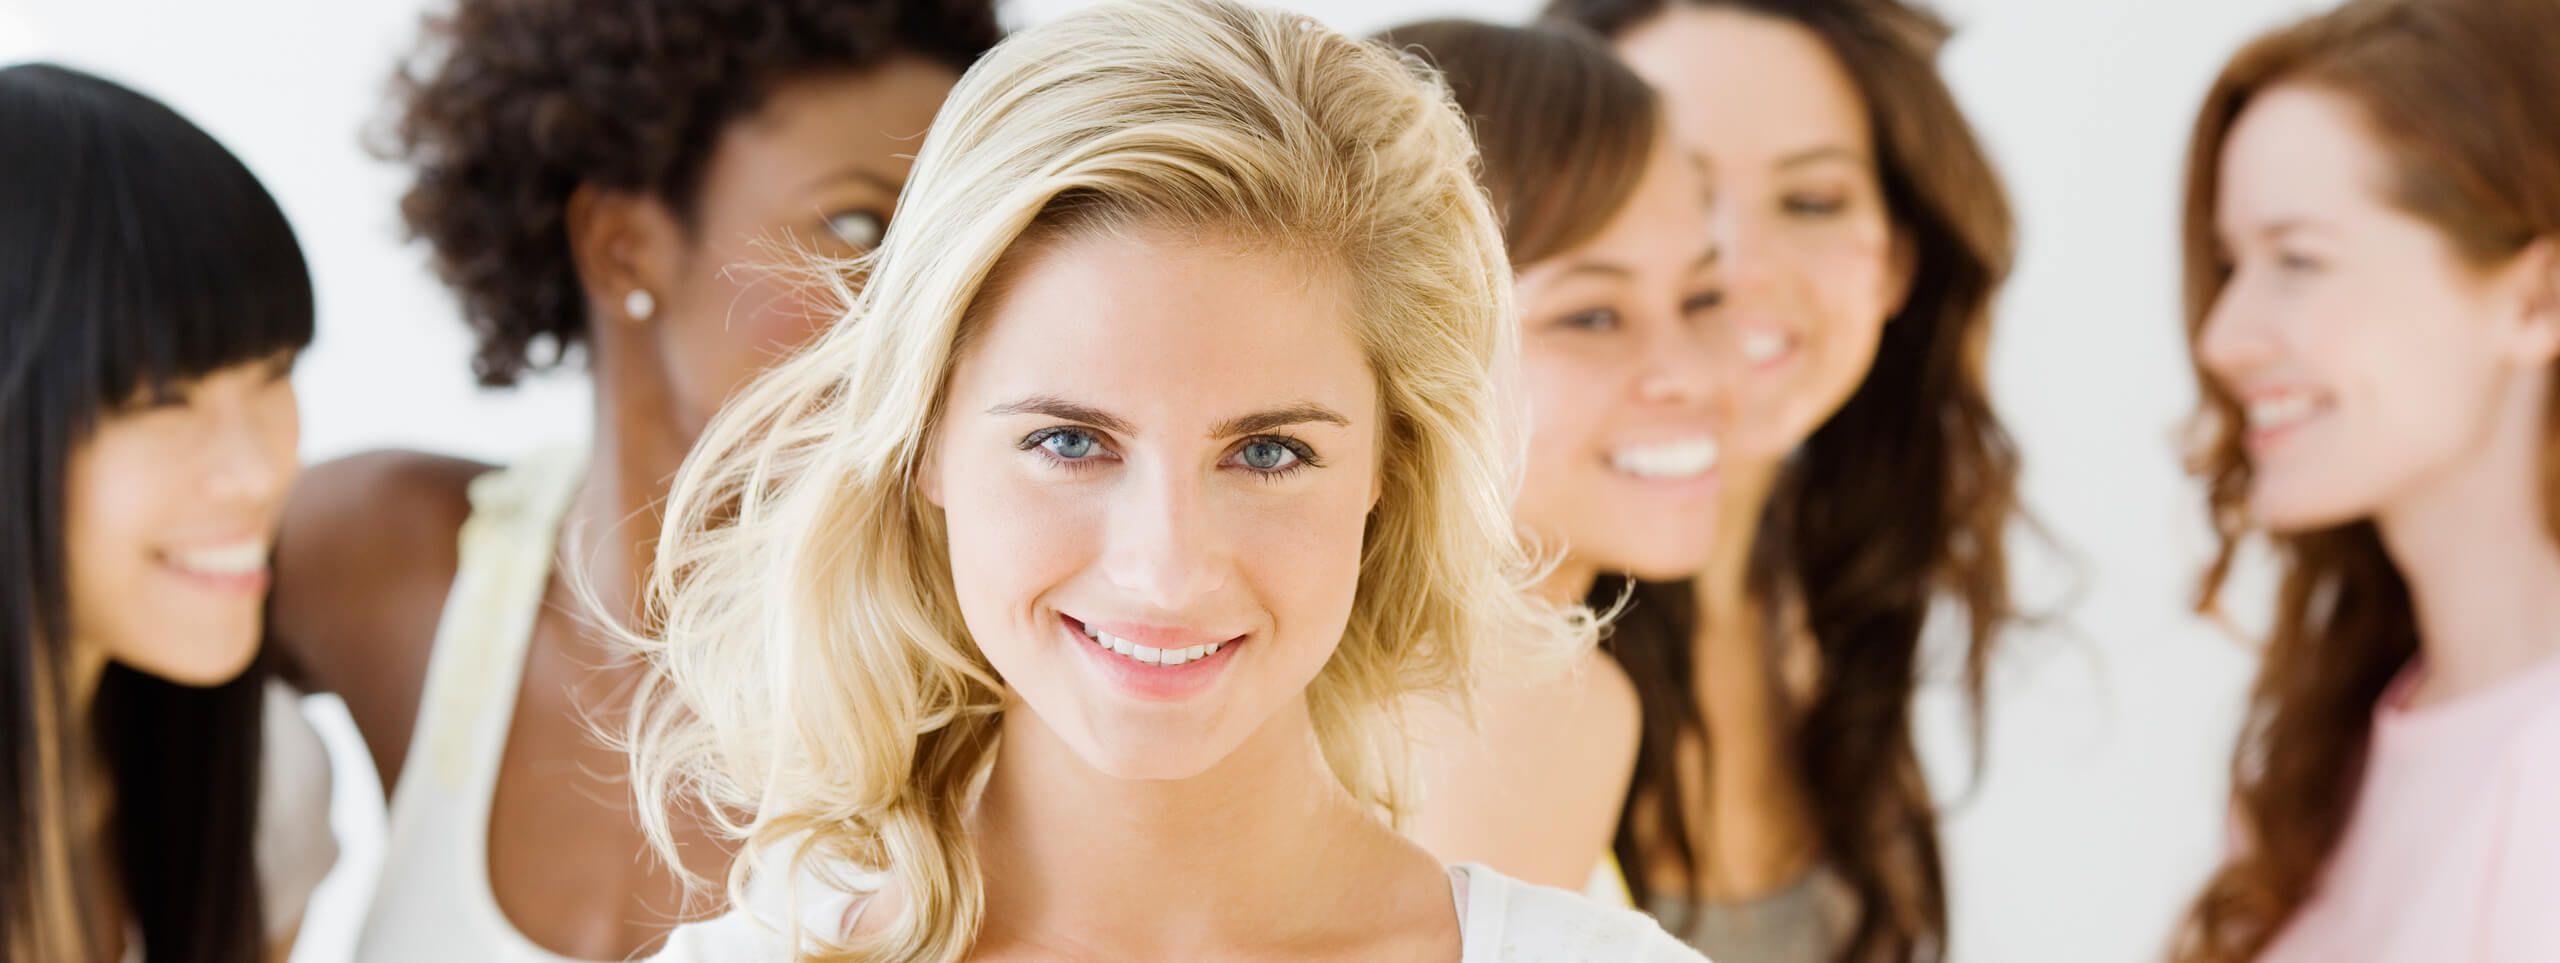 Kobieta w blond włosach na tle kobiet z ciemnymi włosami